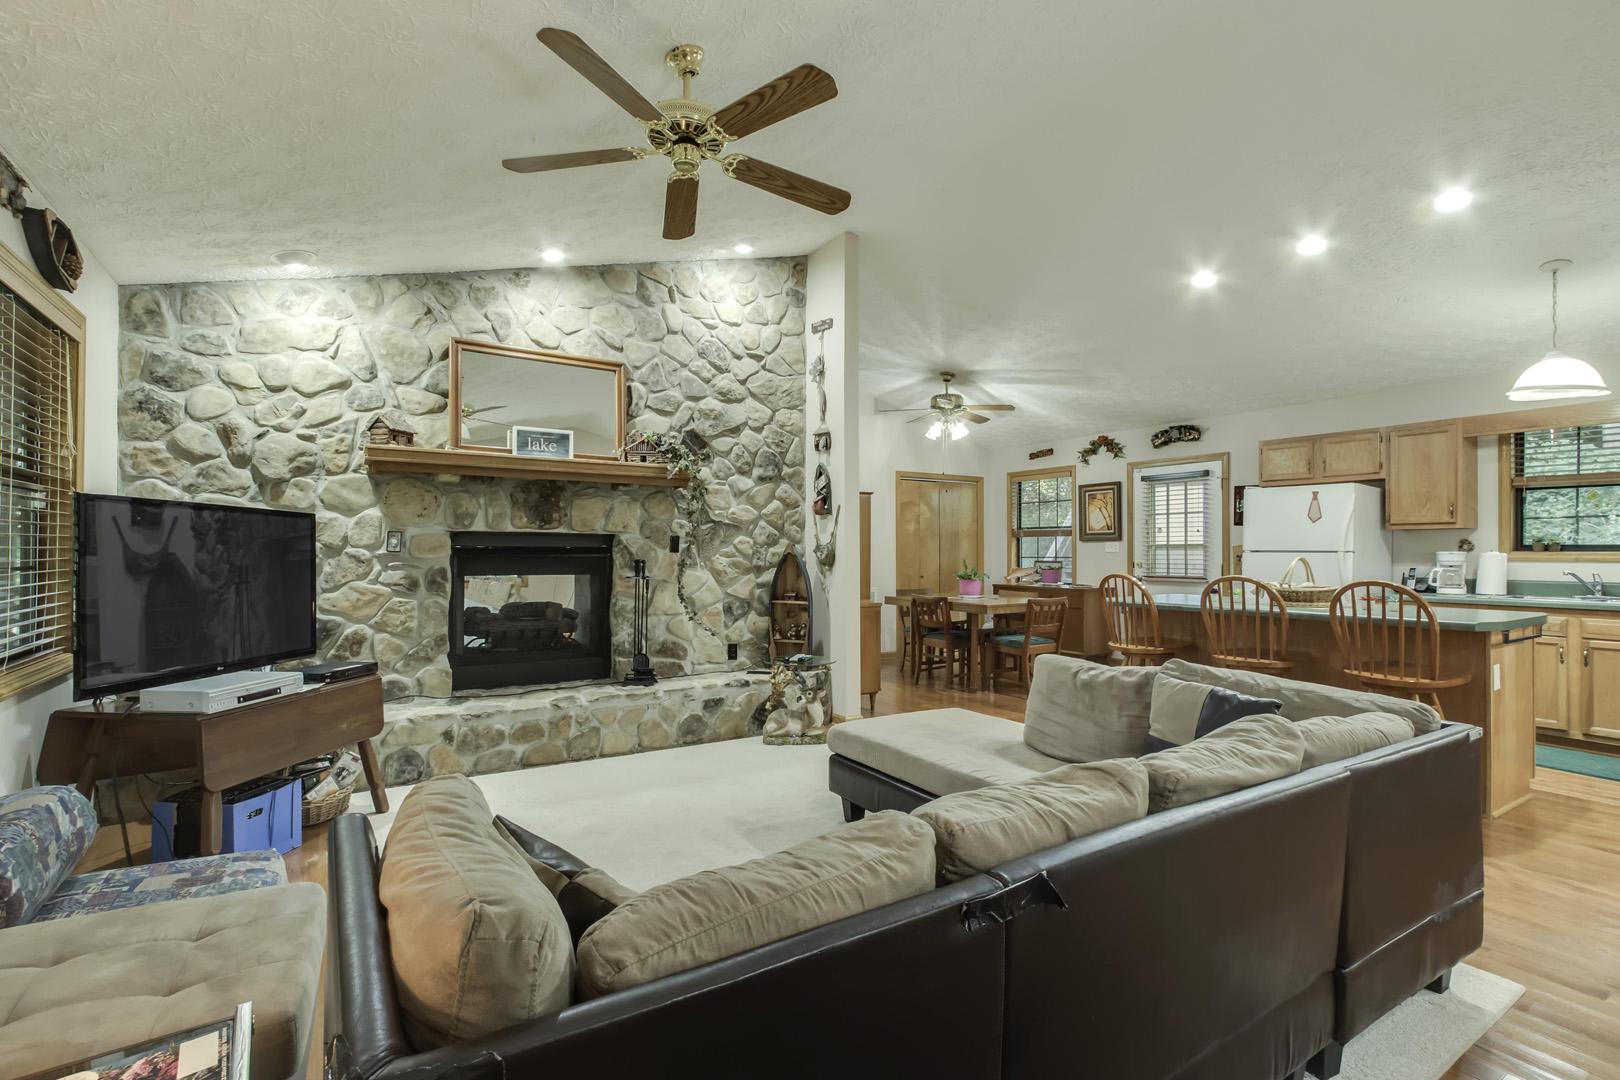 1305 Cove Pointe Rd: